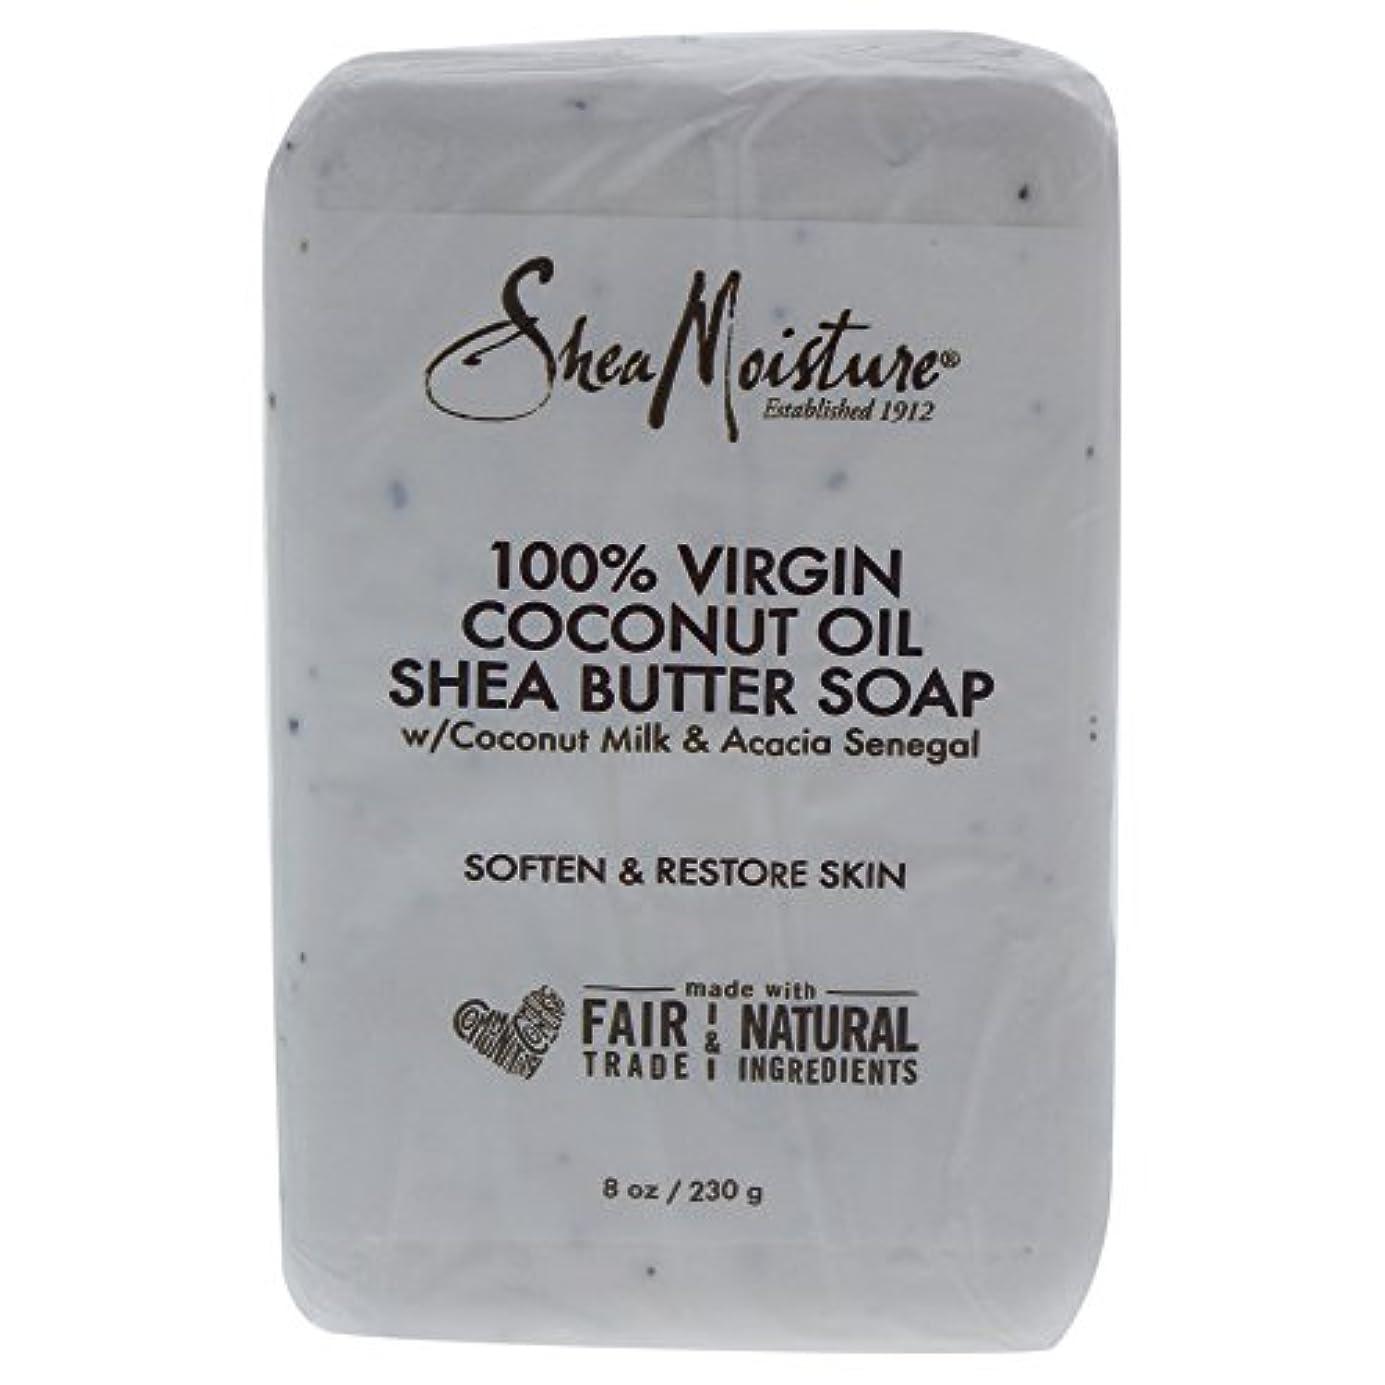 海藻試験ライラックShea Moisture バーソープ (100% Virgin Coconut Oil Shea Butter Soap)